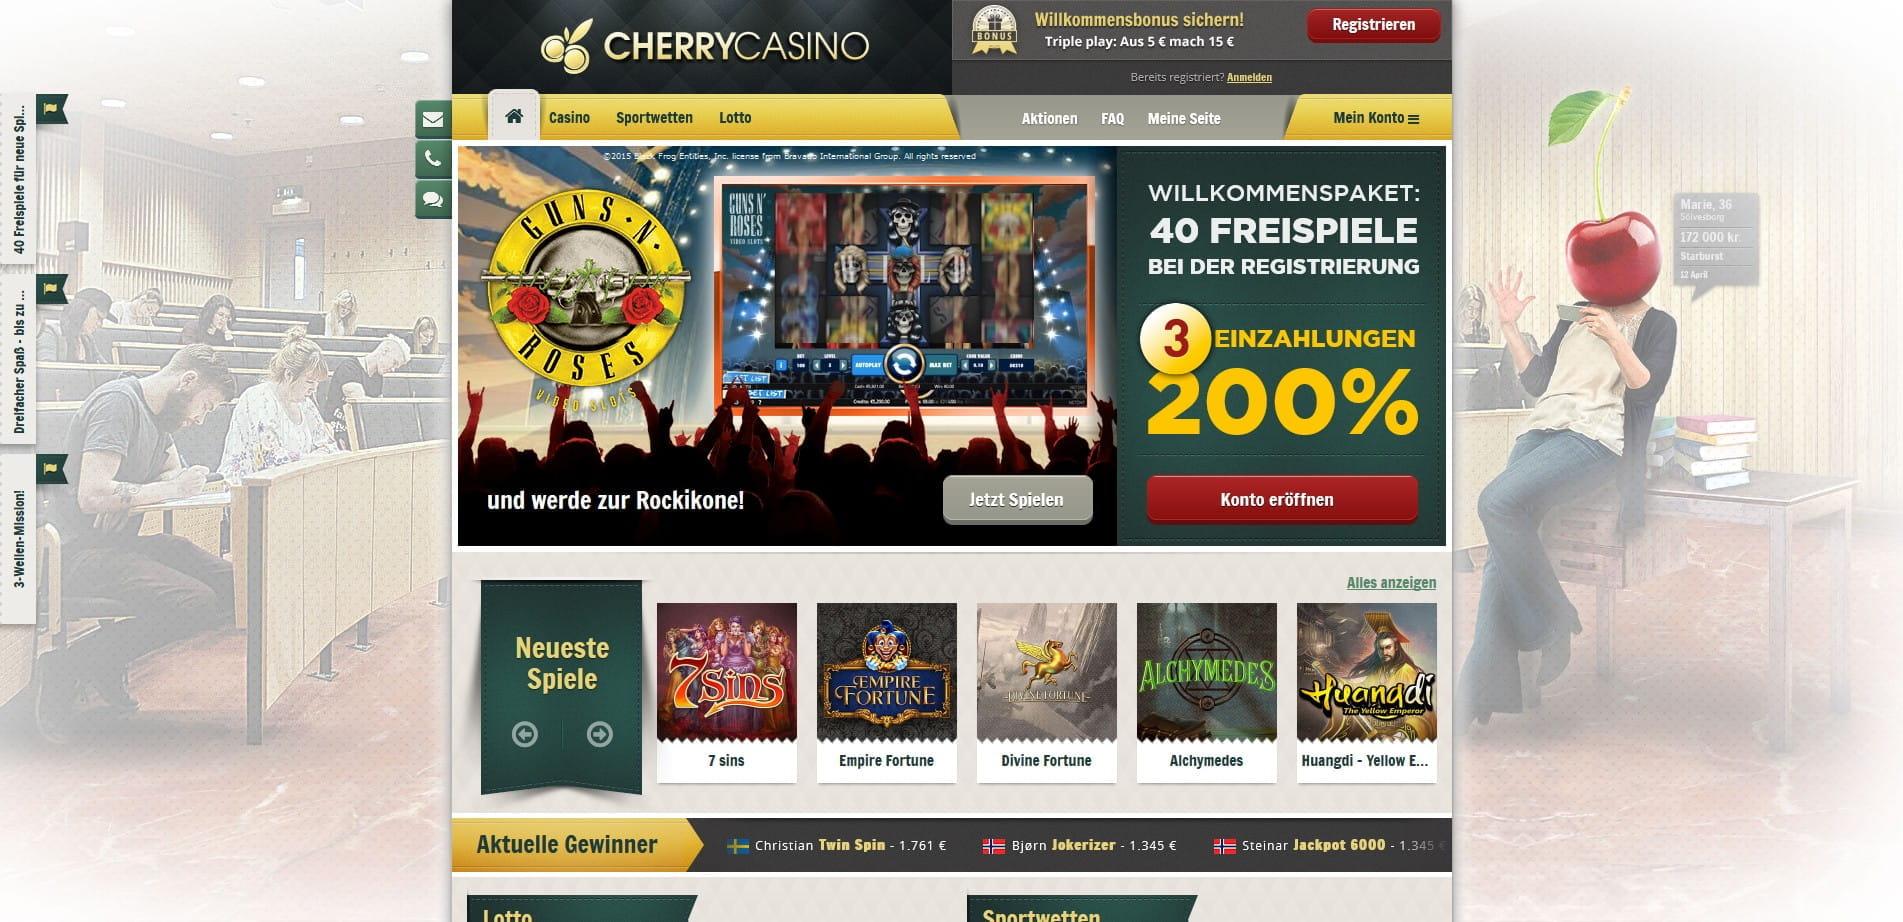 neues merkur casino